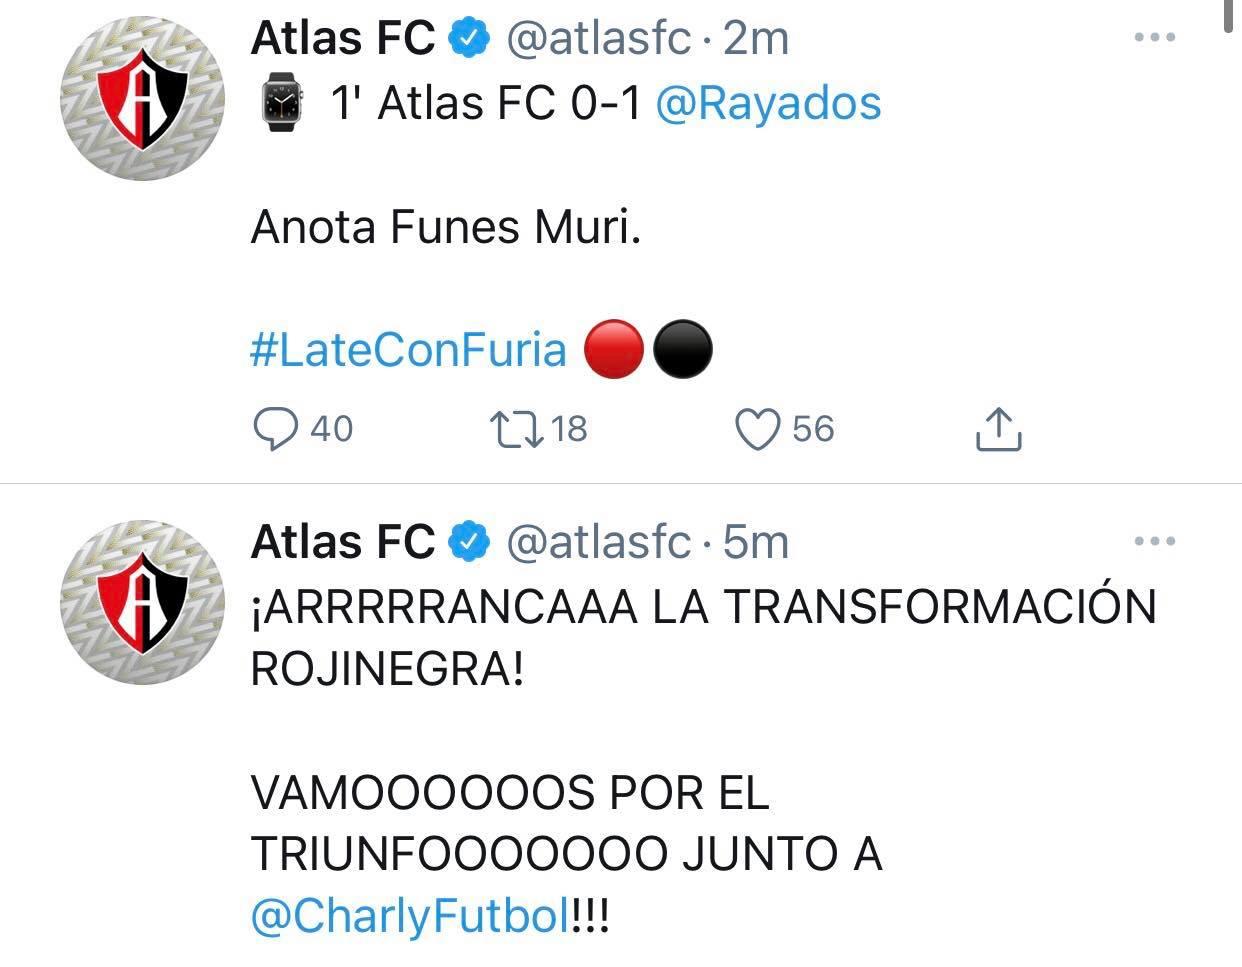 Transformación rojinegra Liga MX